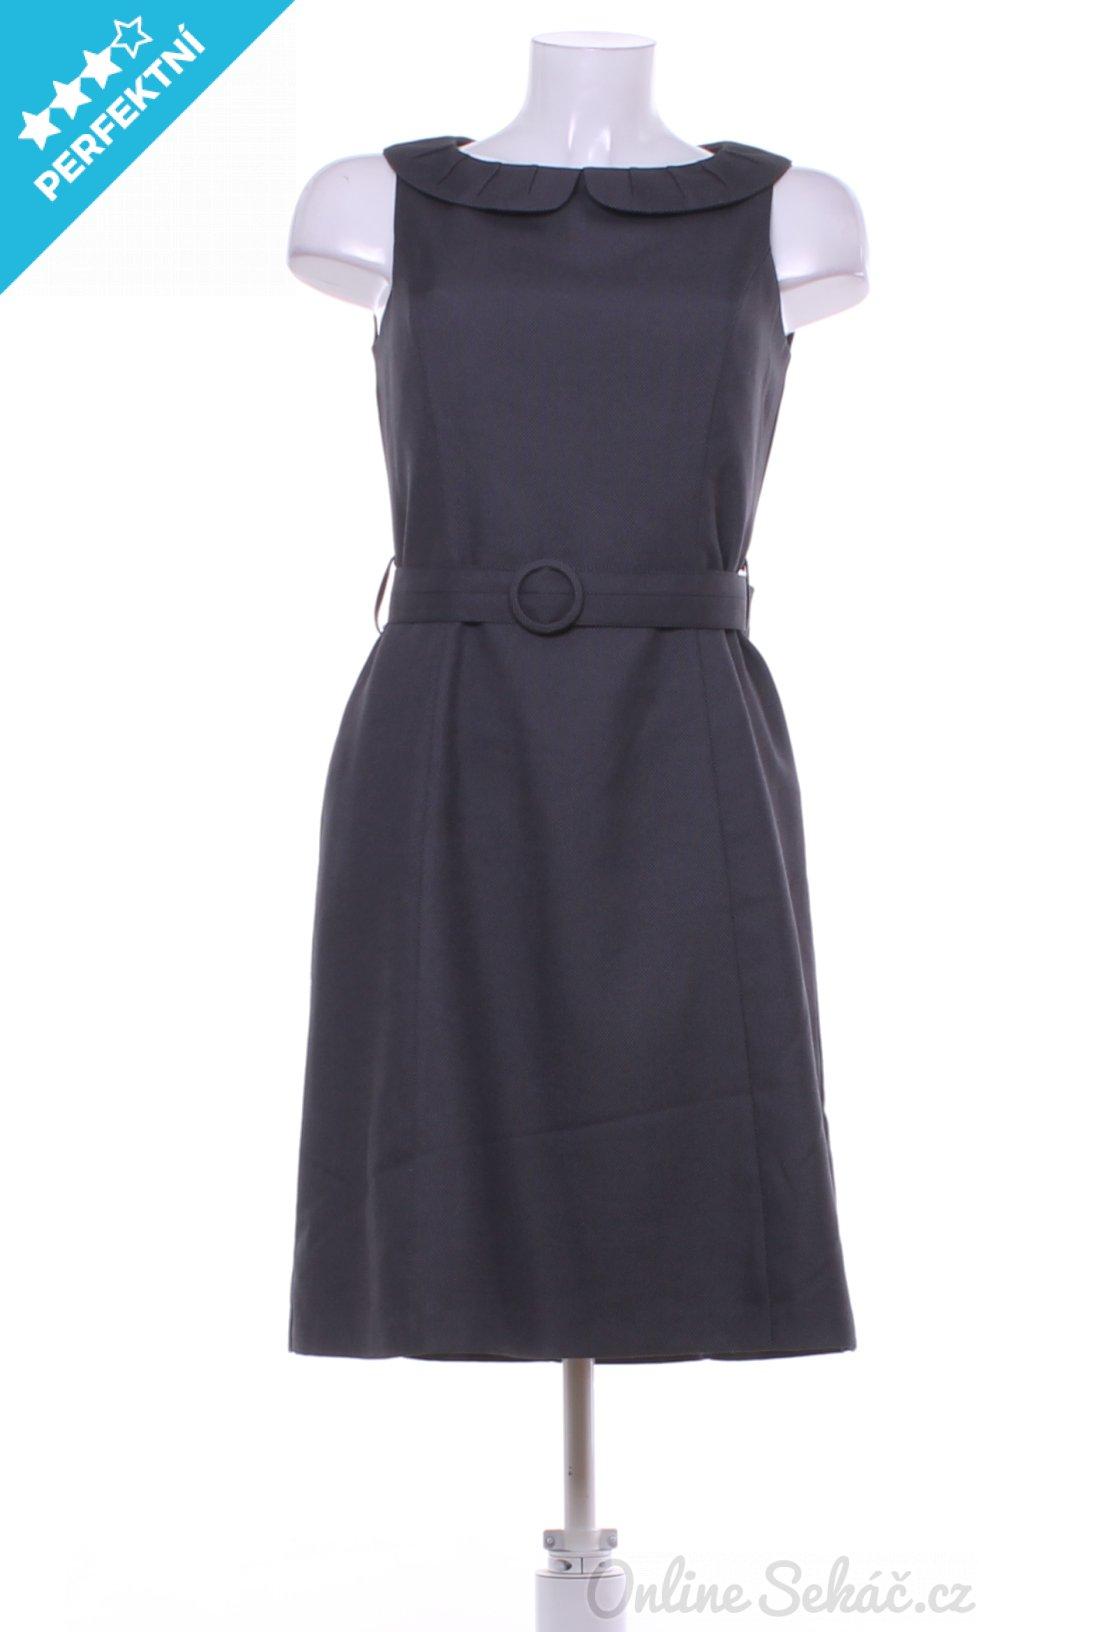 8fb93a77df06 Second hand   Dámské   Šaty krátké   Dámské večerní elegantní šaty ...